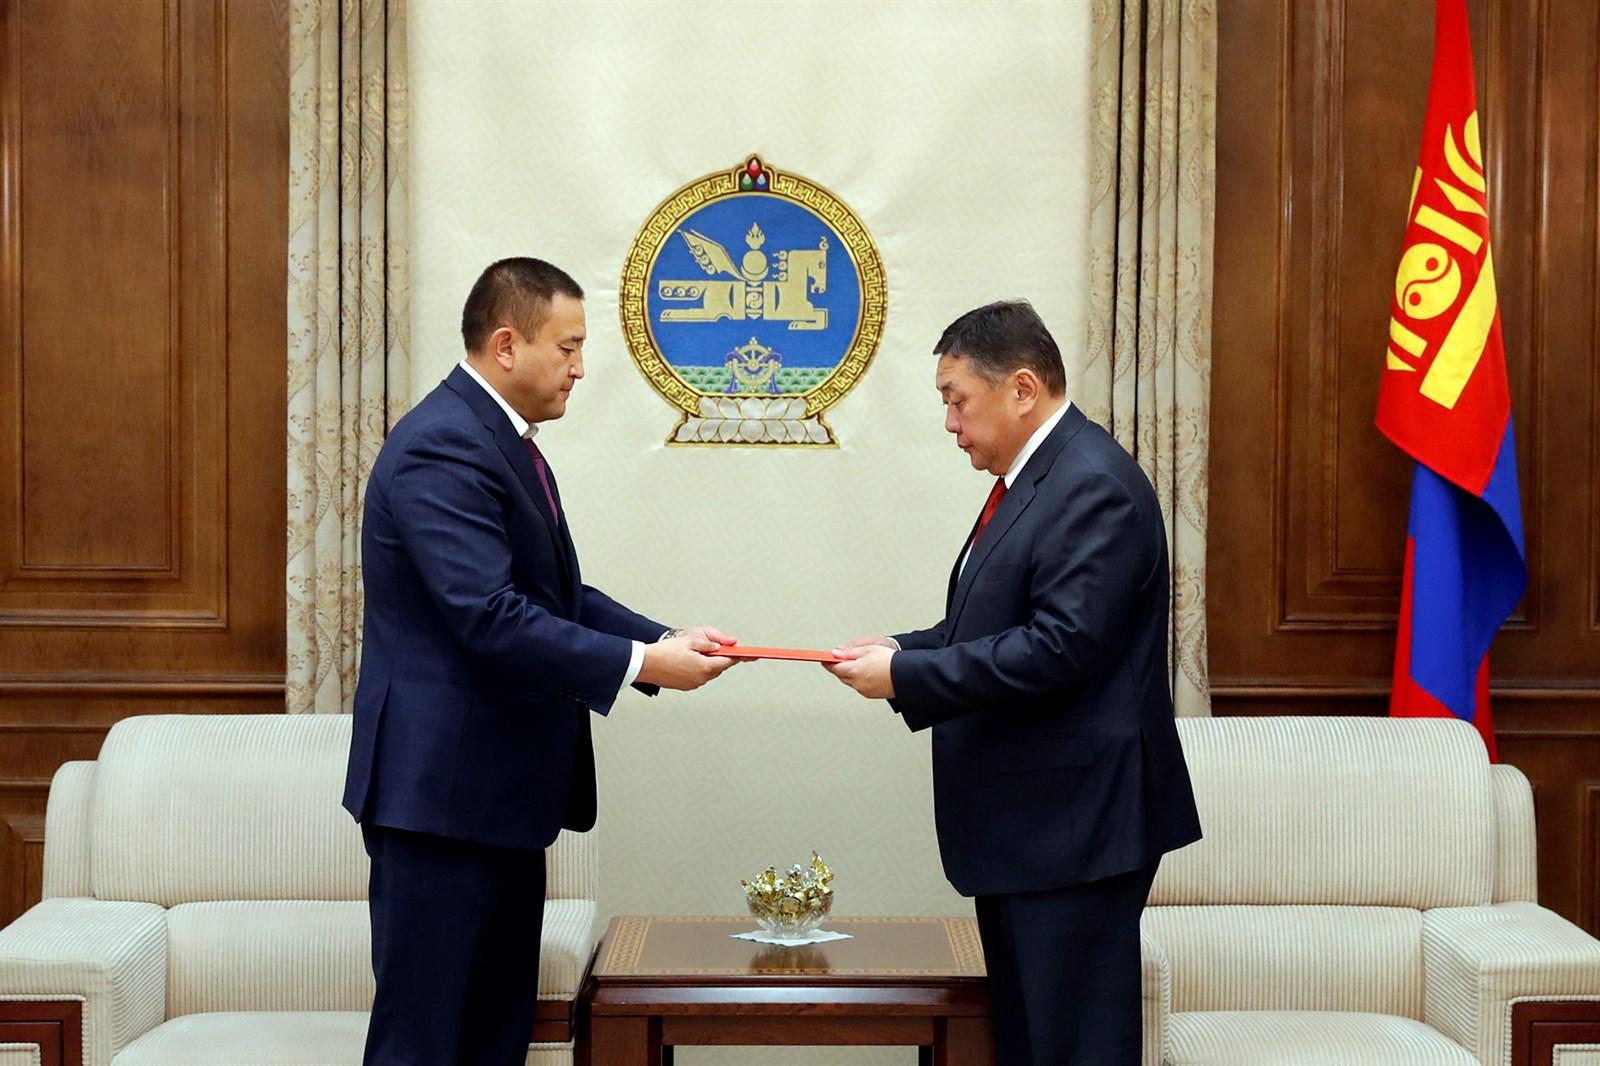 Монгол Улсын 2018 оны төсвийн тухай хуулийн төслийг өргөн мэдүүллээ